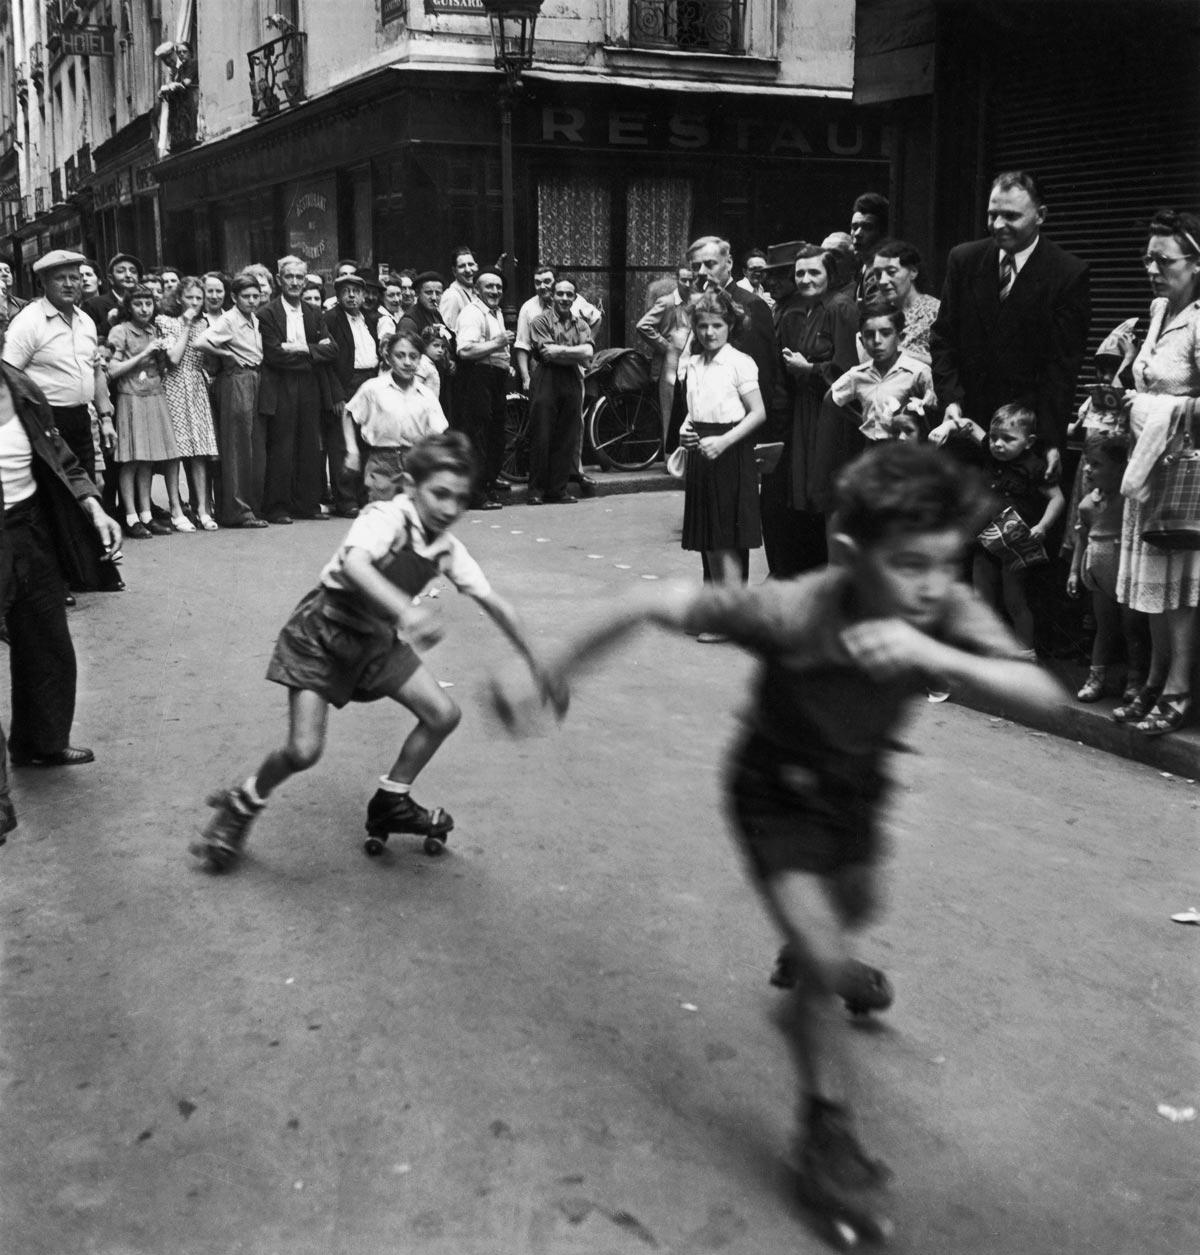 Doisneau - Course de patins a? roulettes, Paris, 14 juillet 1949